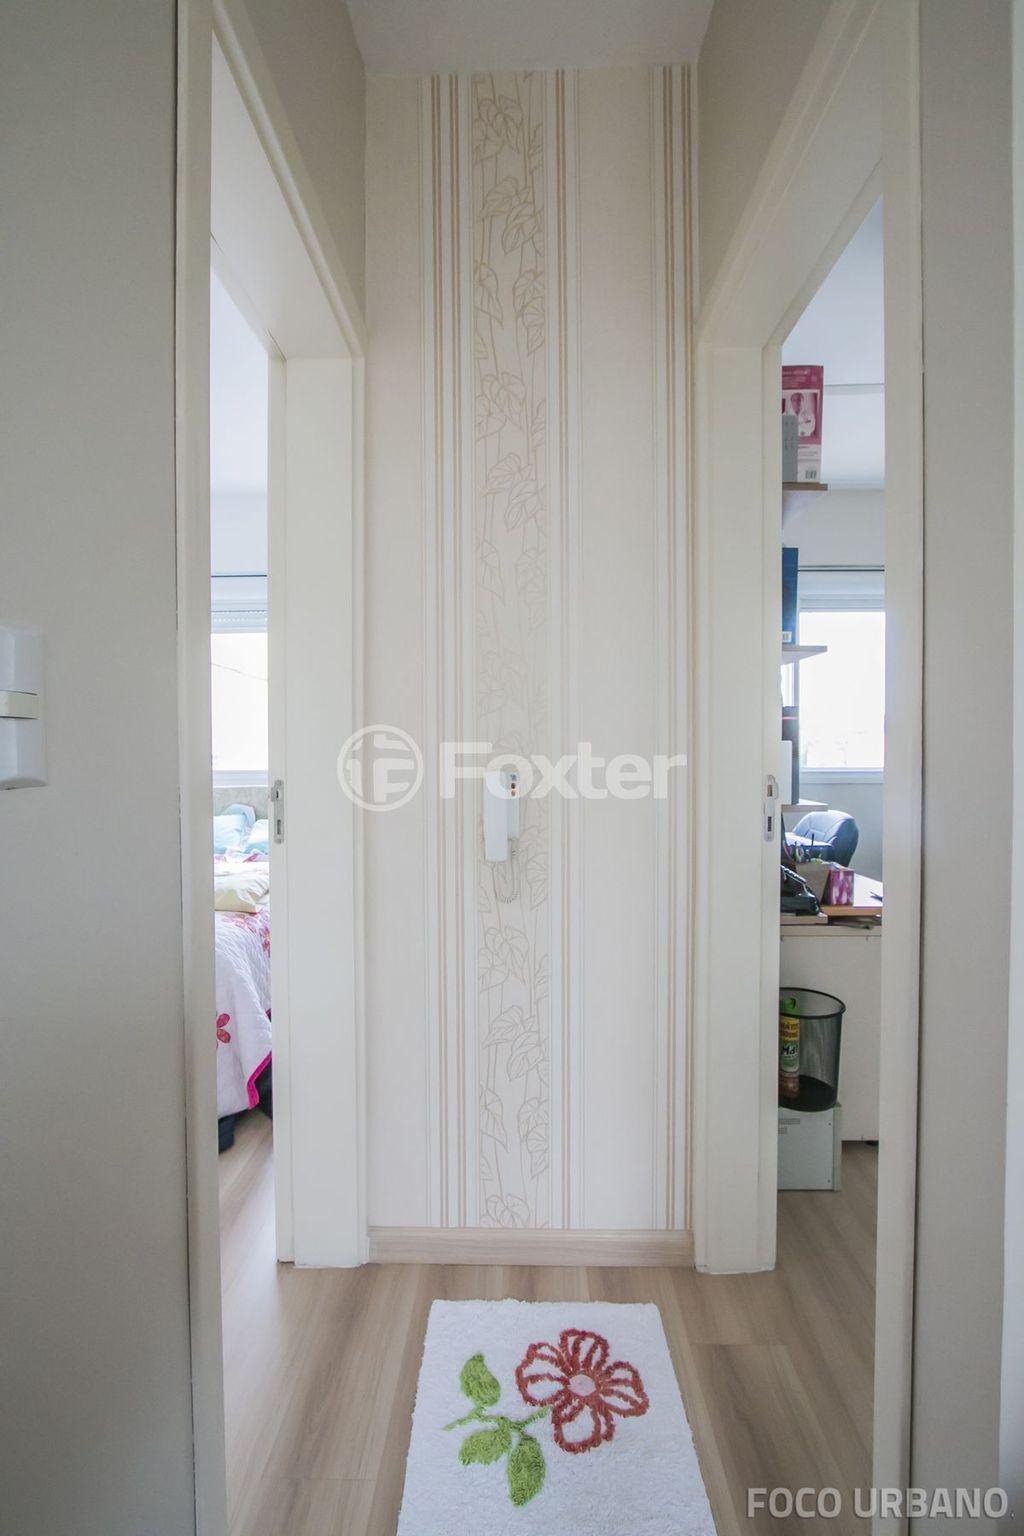 Foxter Imobiliária - Cobertura 2 Dorm (146243) - Foto 15